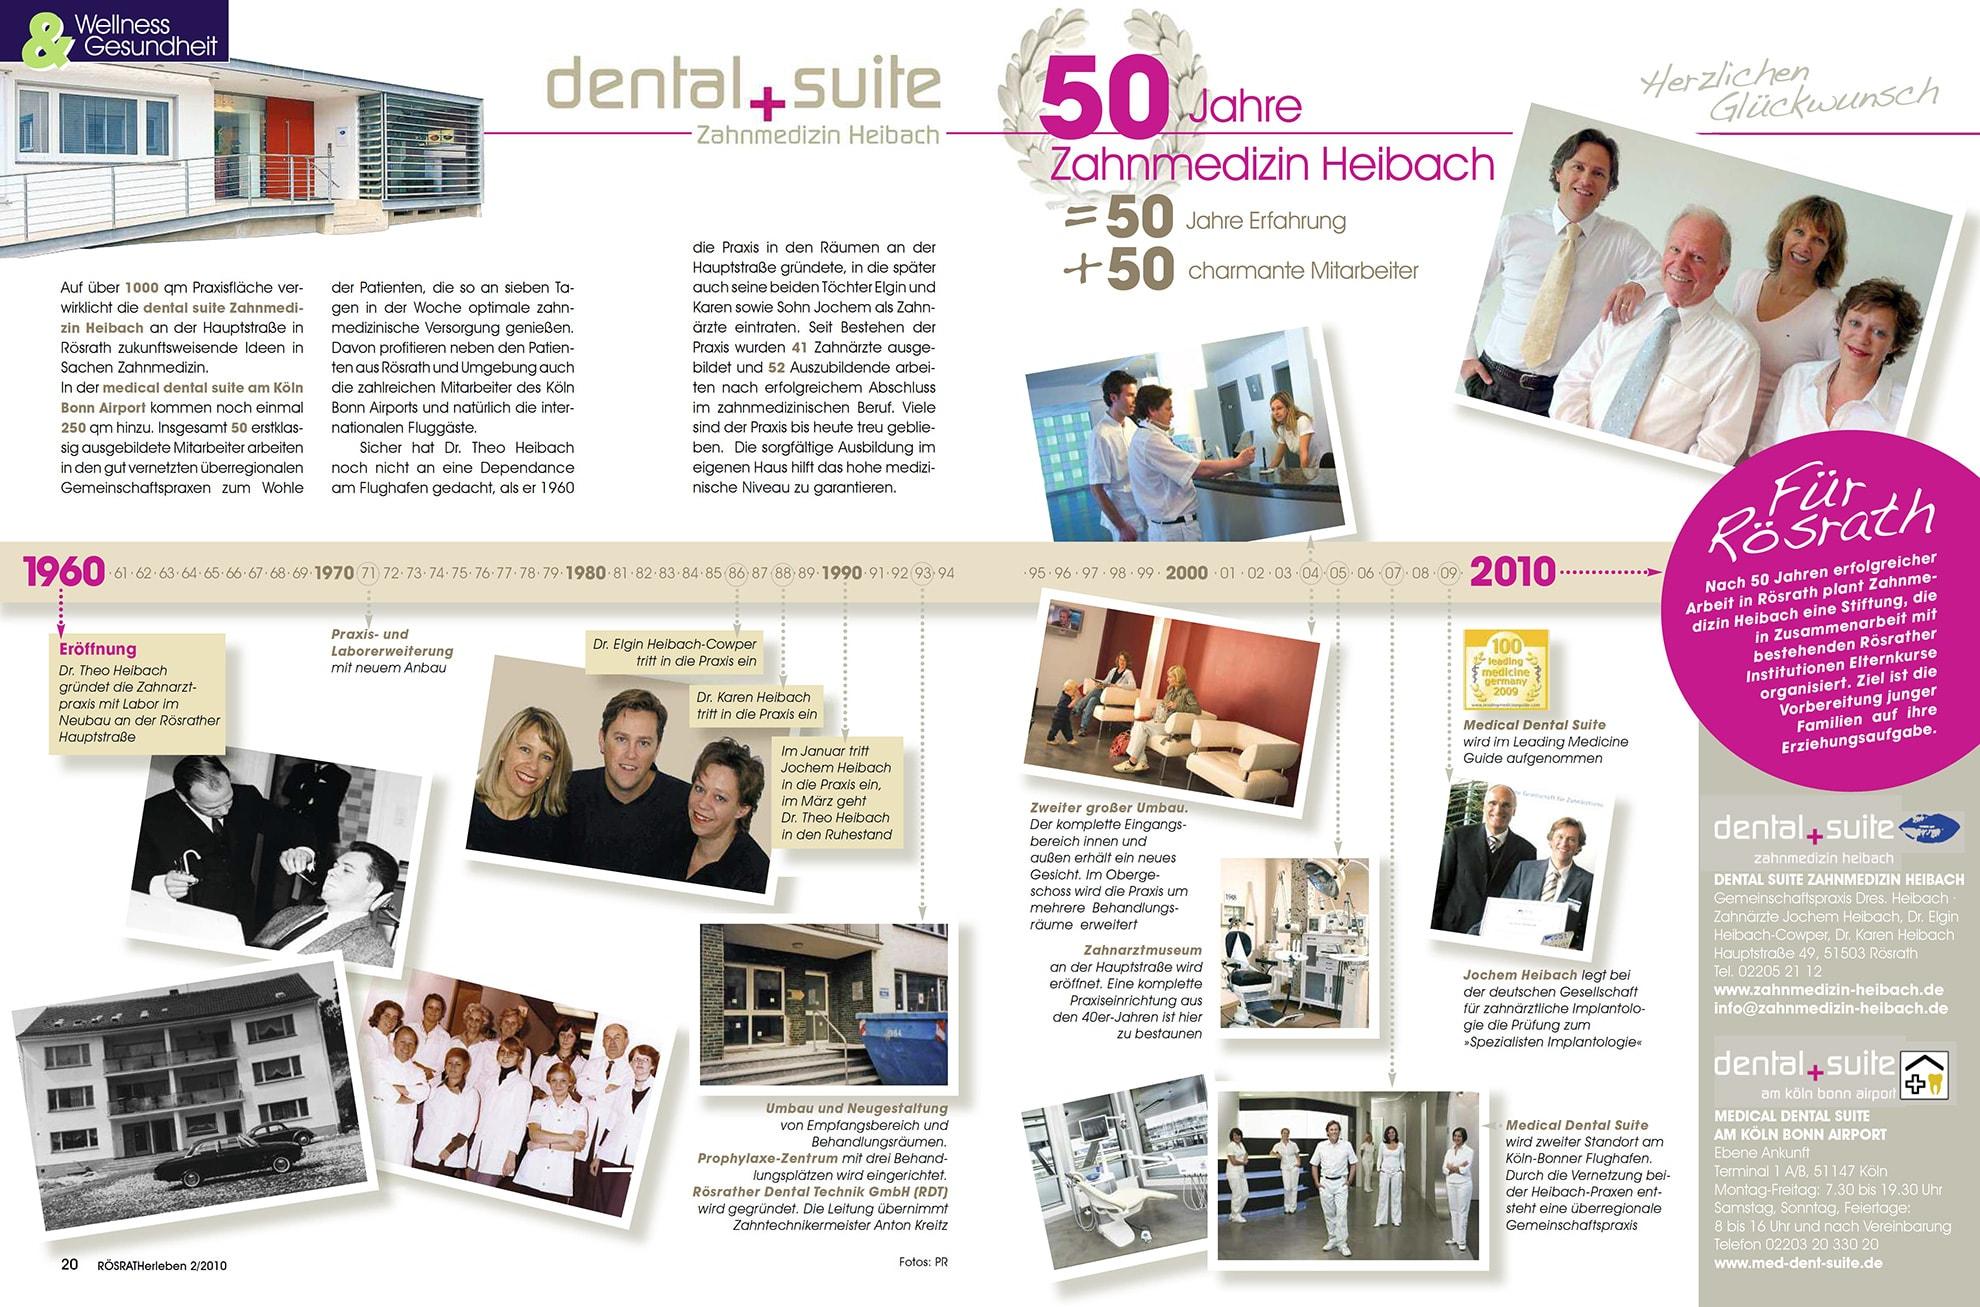 Z-MVZ dental suite - Pressemitteilung: 50 Jahre Zahnmedizin Heibach